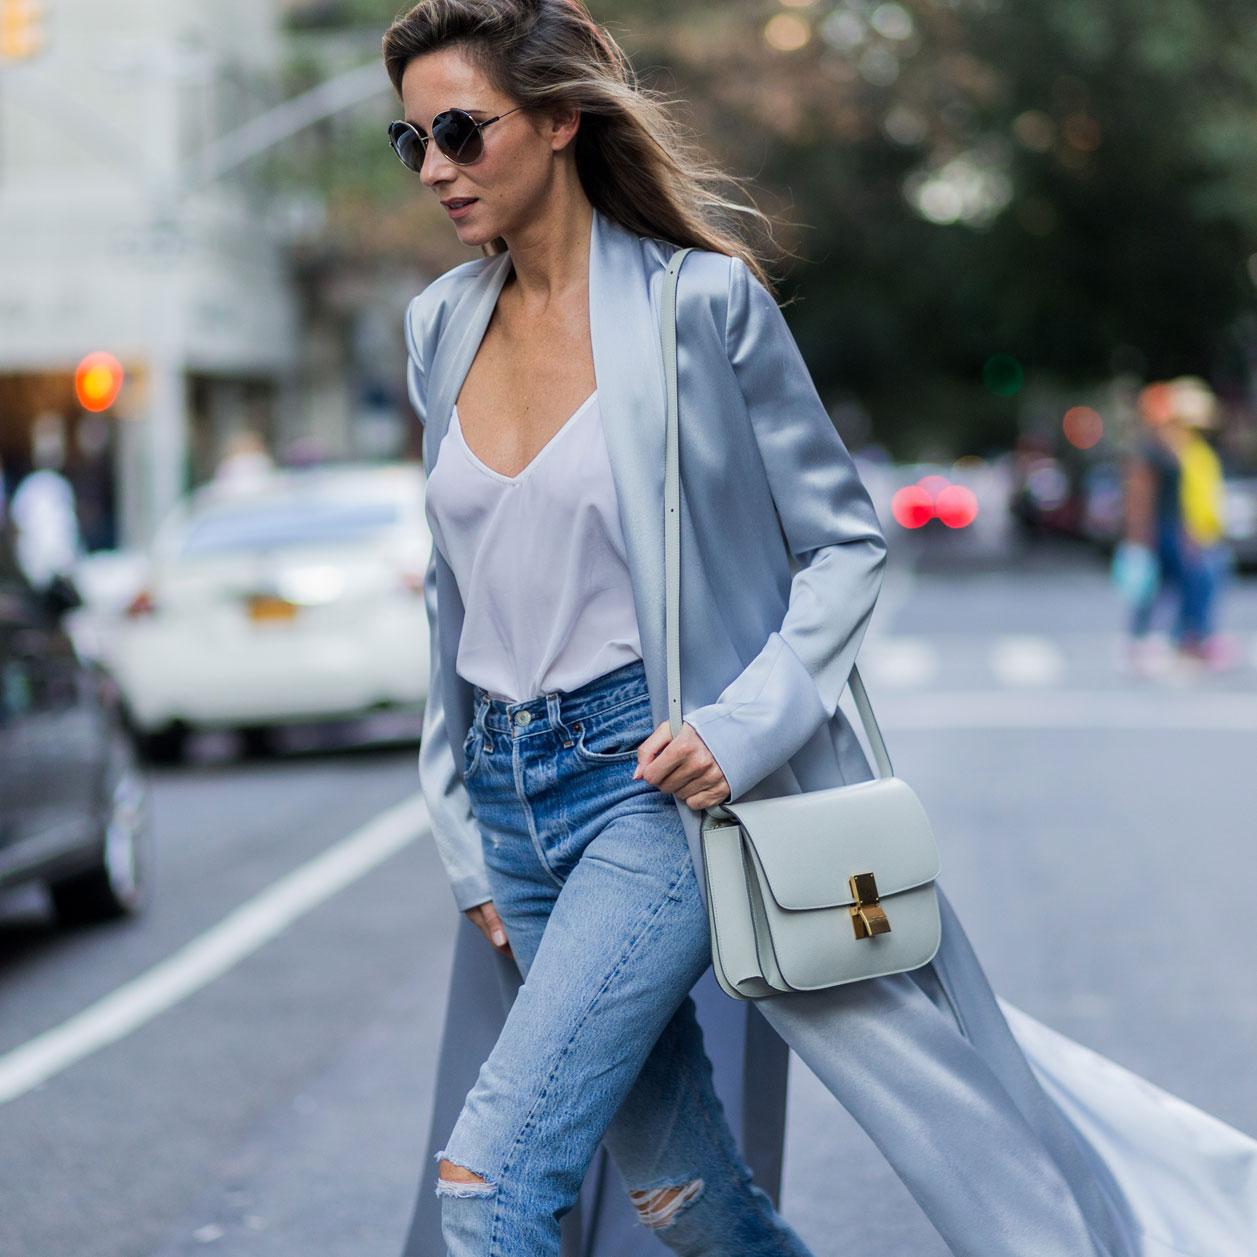 quality design 615ca 1a043 Outfits zum Nachmachen: Trend-Looks günstig nachgestylt